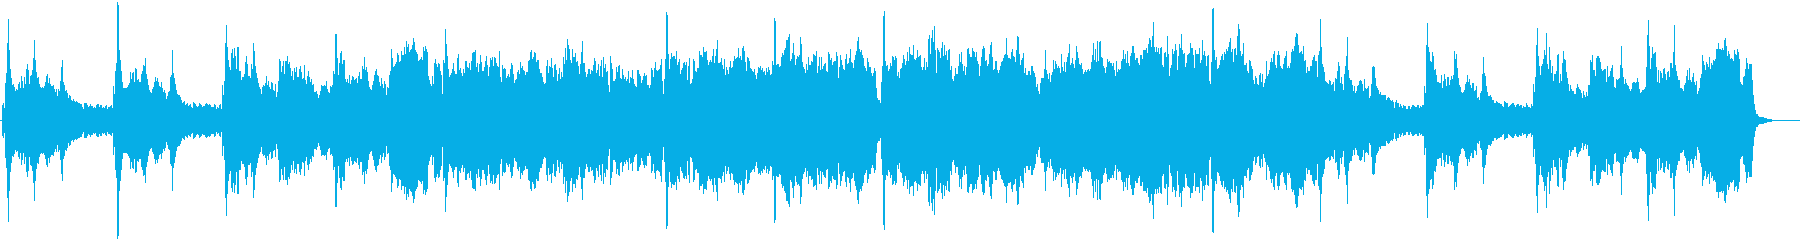 ハープとチェロが綺麗なクラシックBGMの再生済みの波形